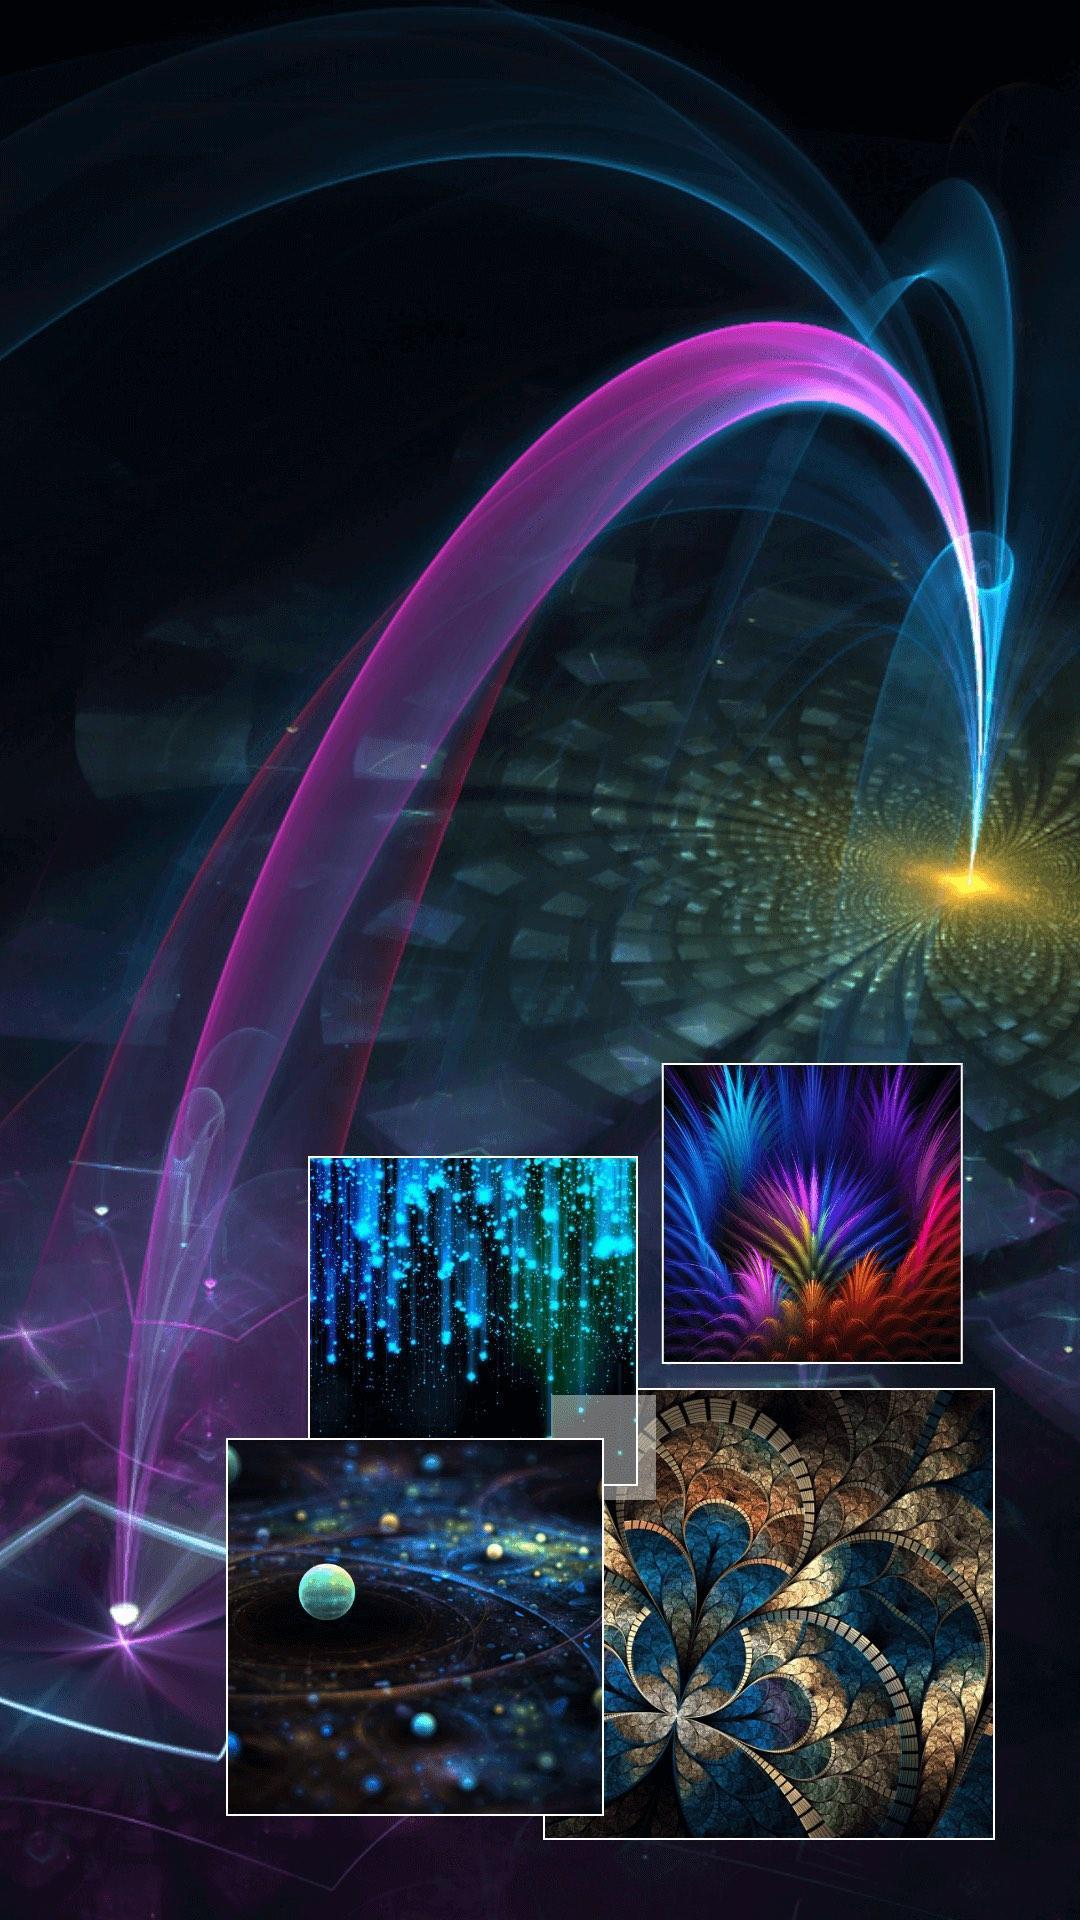 Unduh 420 Koleksi Background Paling Cantik HD Terbaru